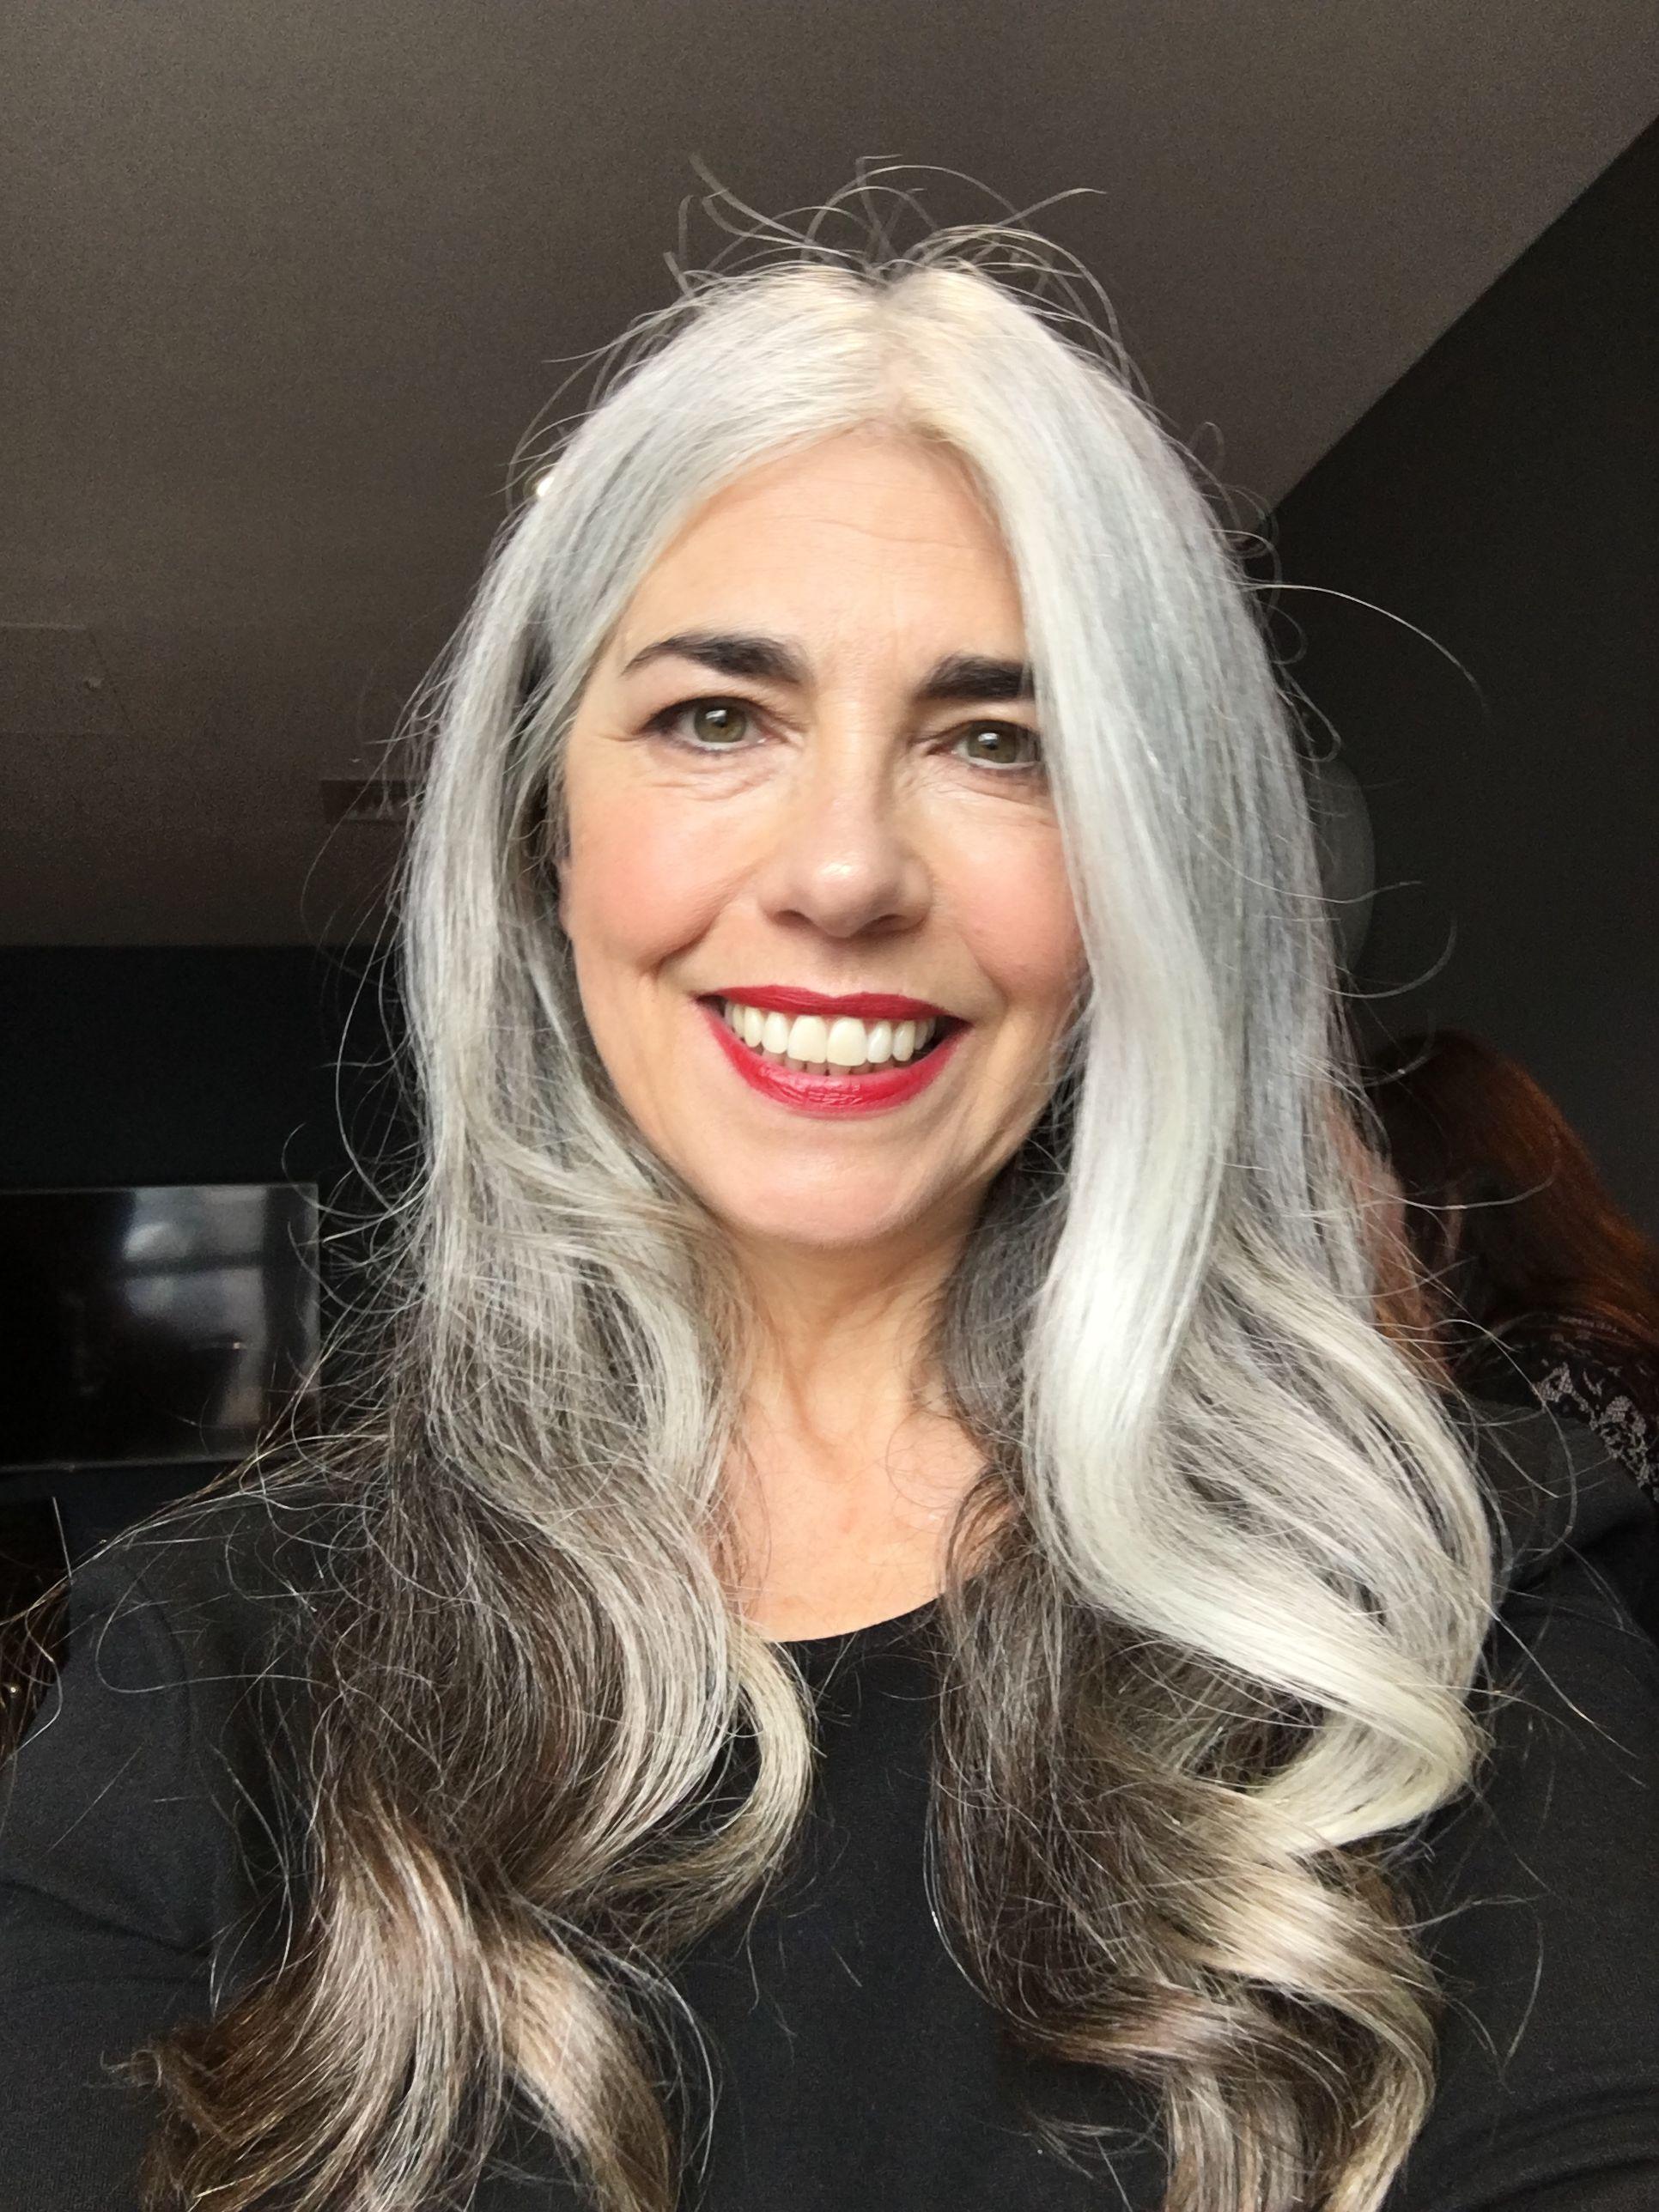 Graue Haare Lang Frisuren Graue Haare Mittellang 2019 11 28